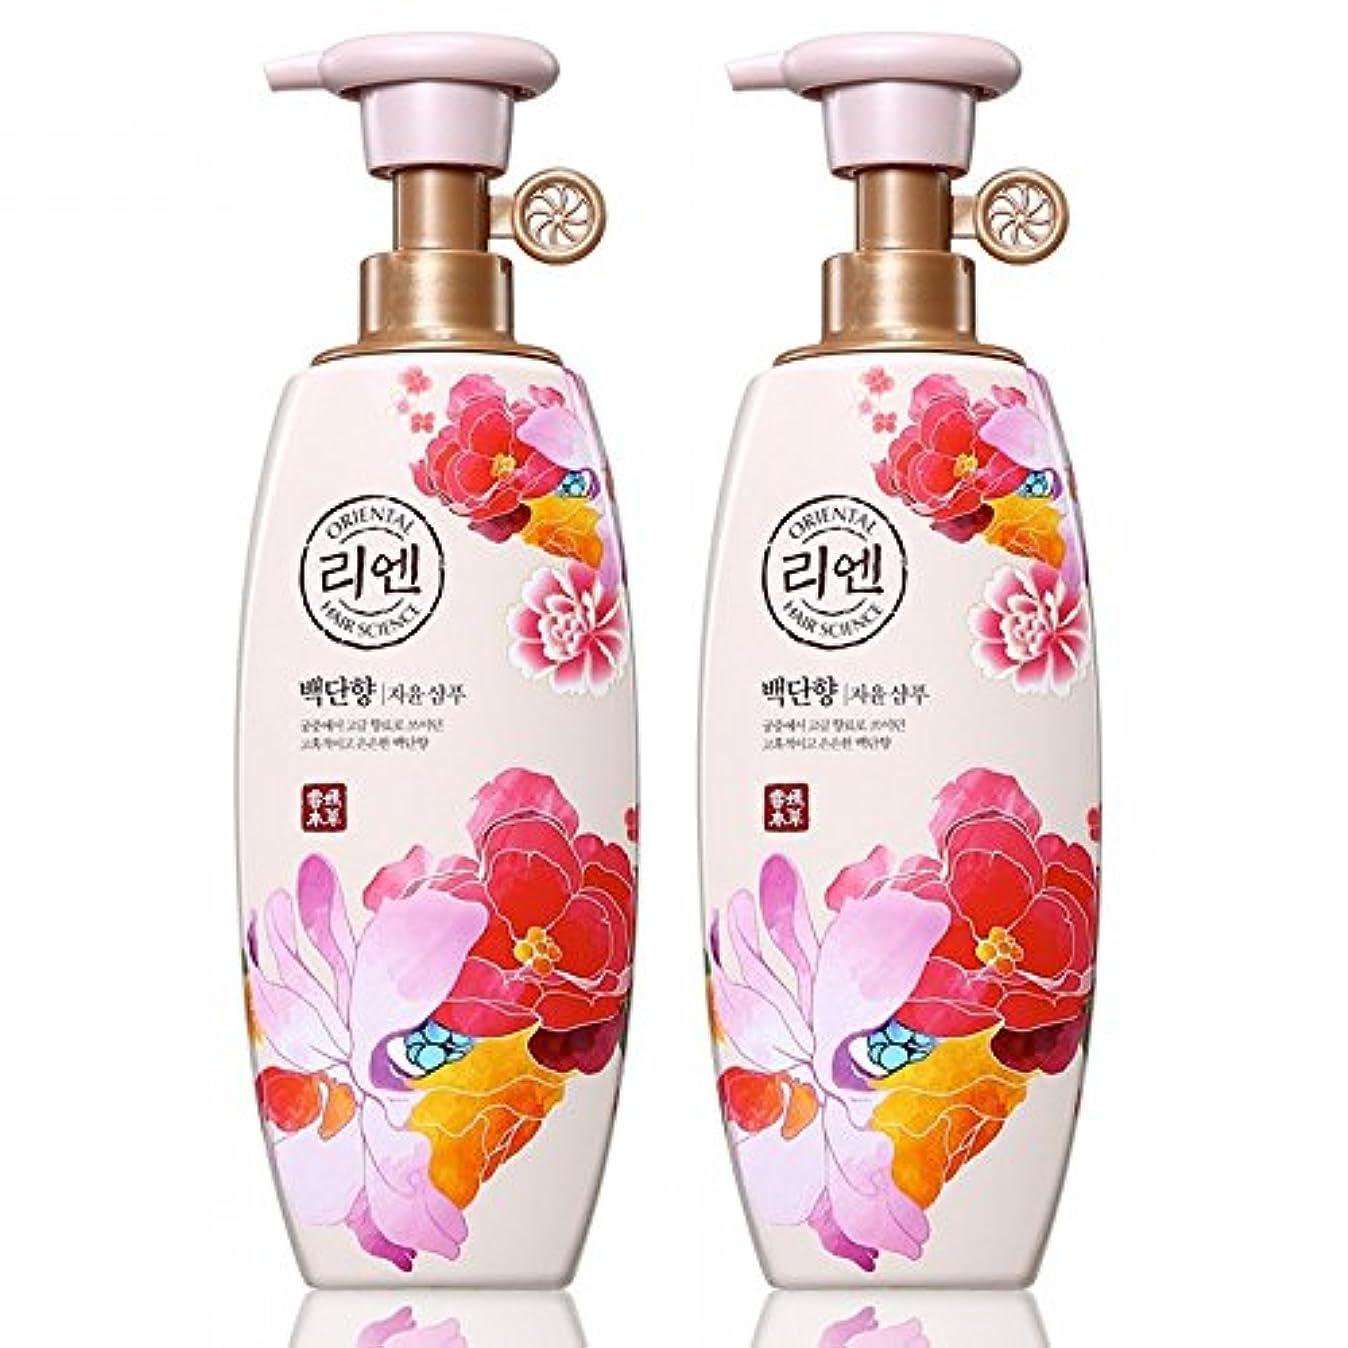 差専門シャープ(ReEn)リエン ビャクダンシャンプー( Baekdanhyang Shampoo) 500ml x 2本 [並行輸入品]